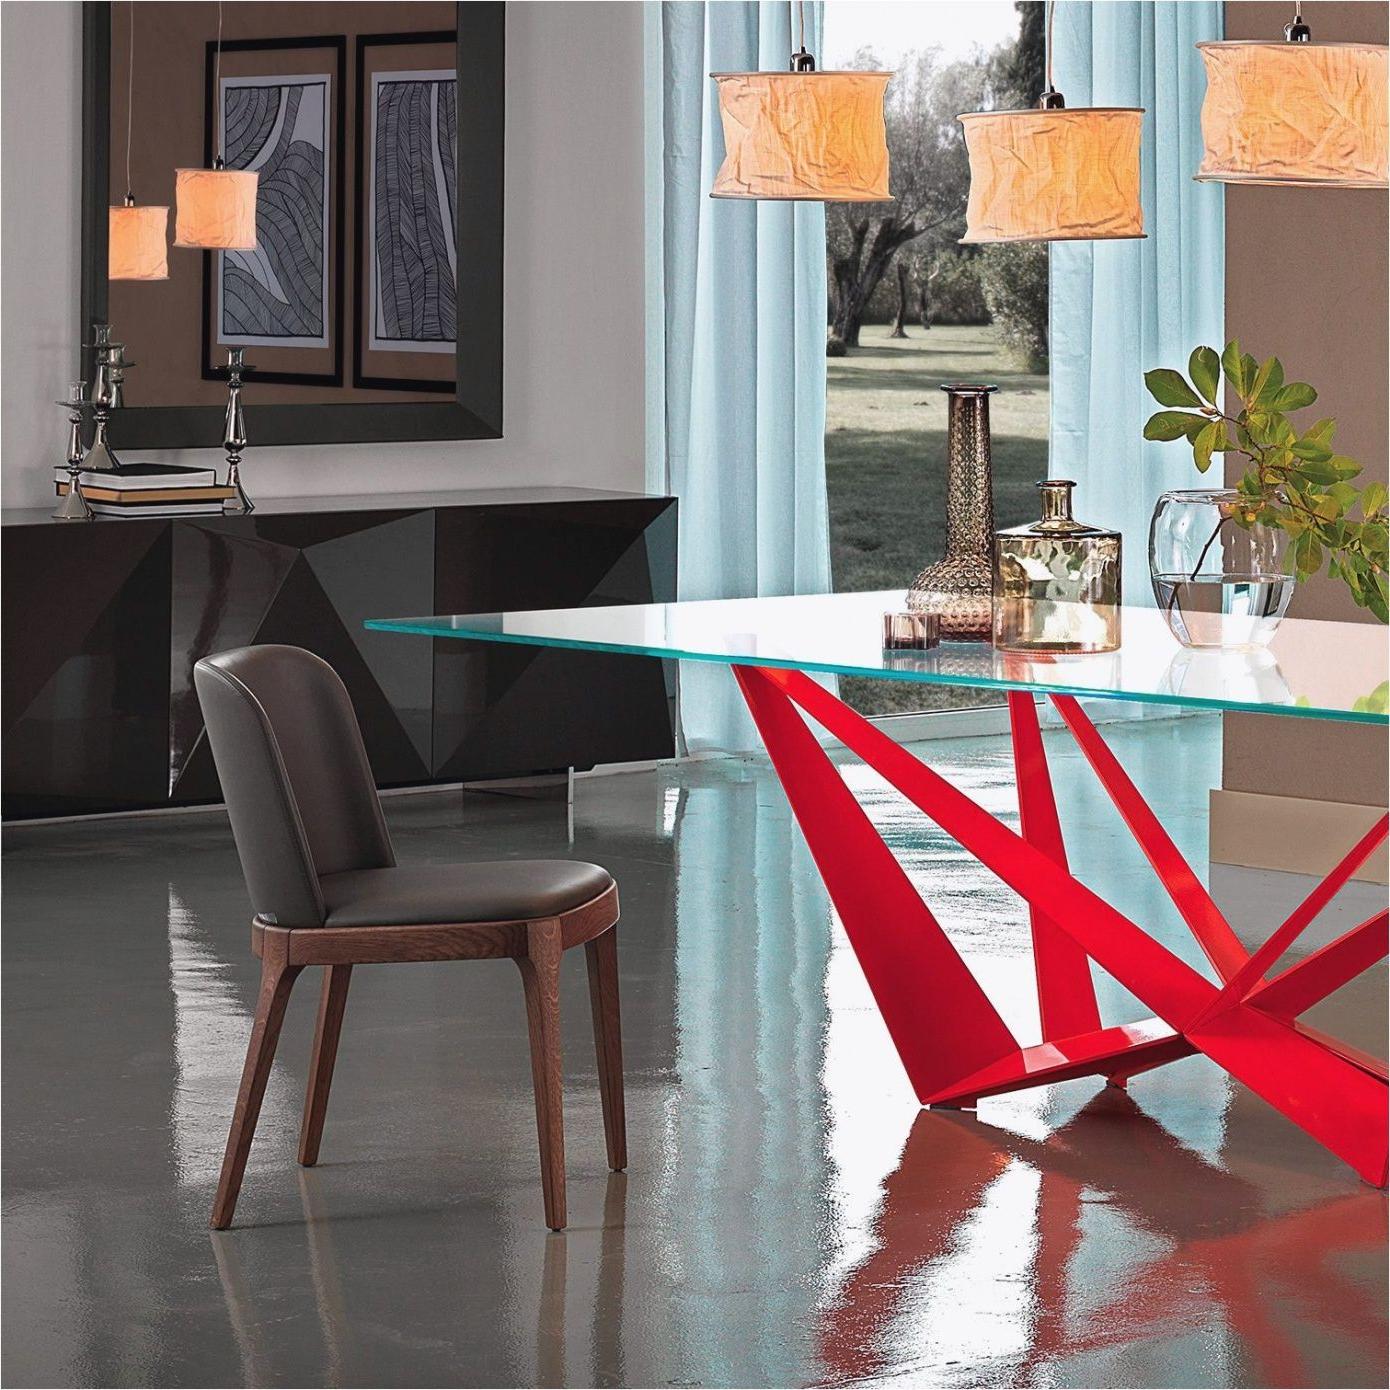 Donde Vender Muebles Usados En Madrid 0gdr Donde Vender Muebles Usados En Madrid Lujo Fotografia Imagen Muebles